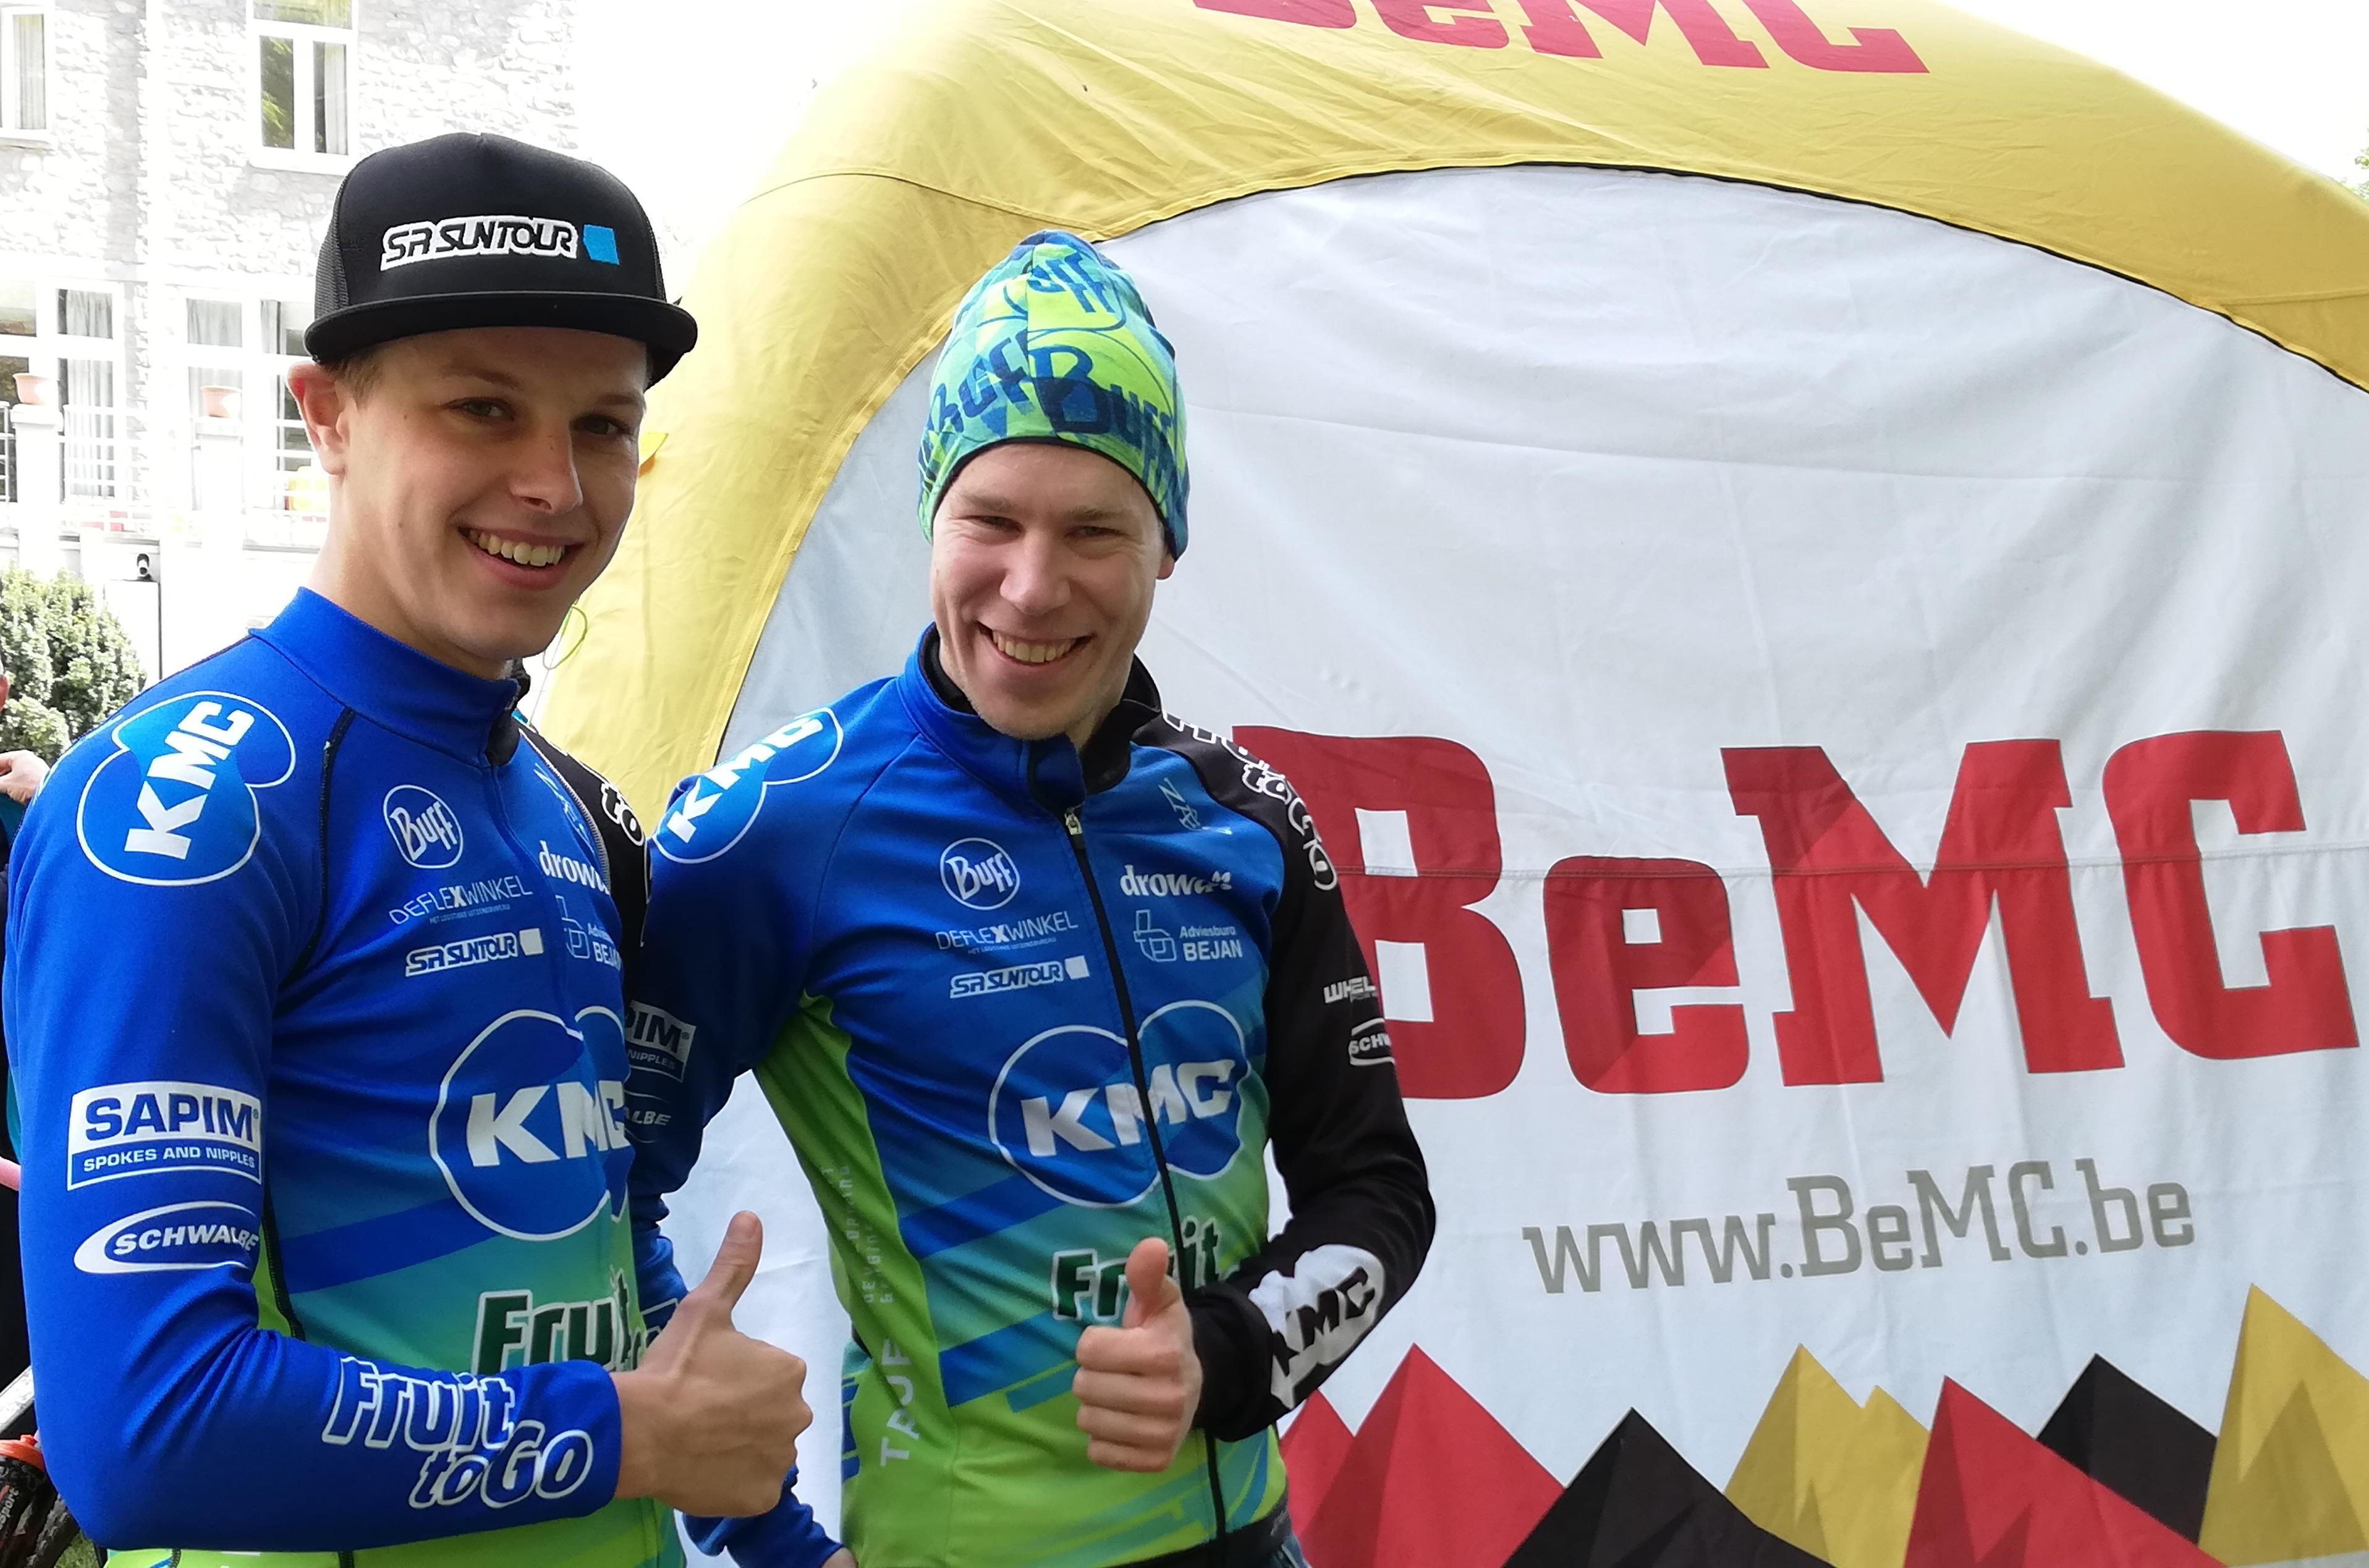 Tim Smeenge en Roel Verhoeven sterk in de BeMC